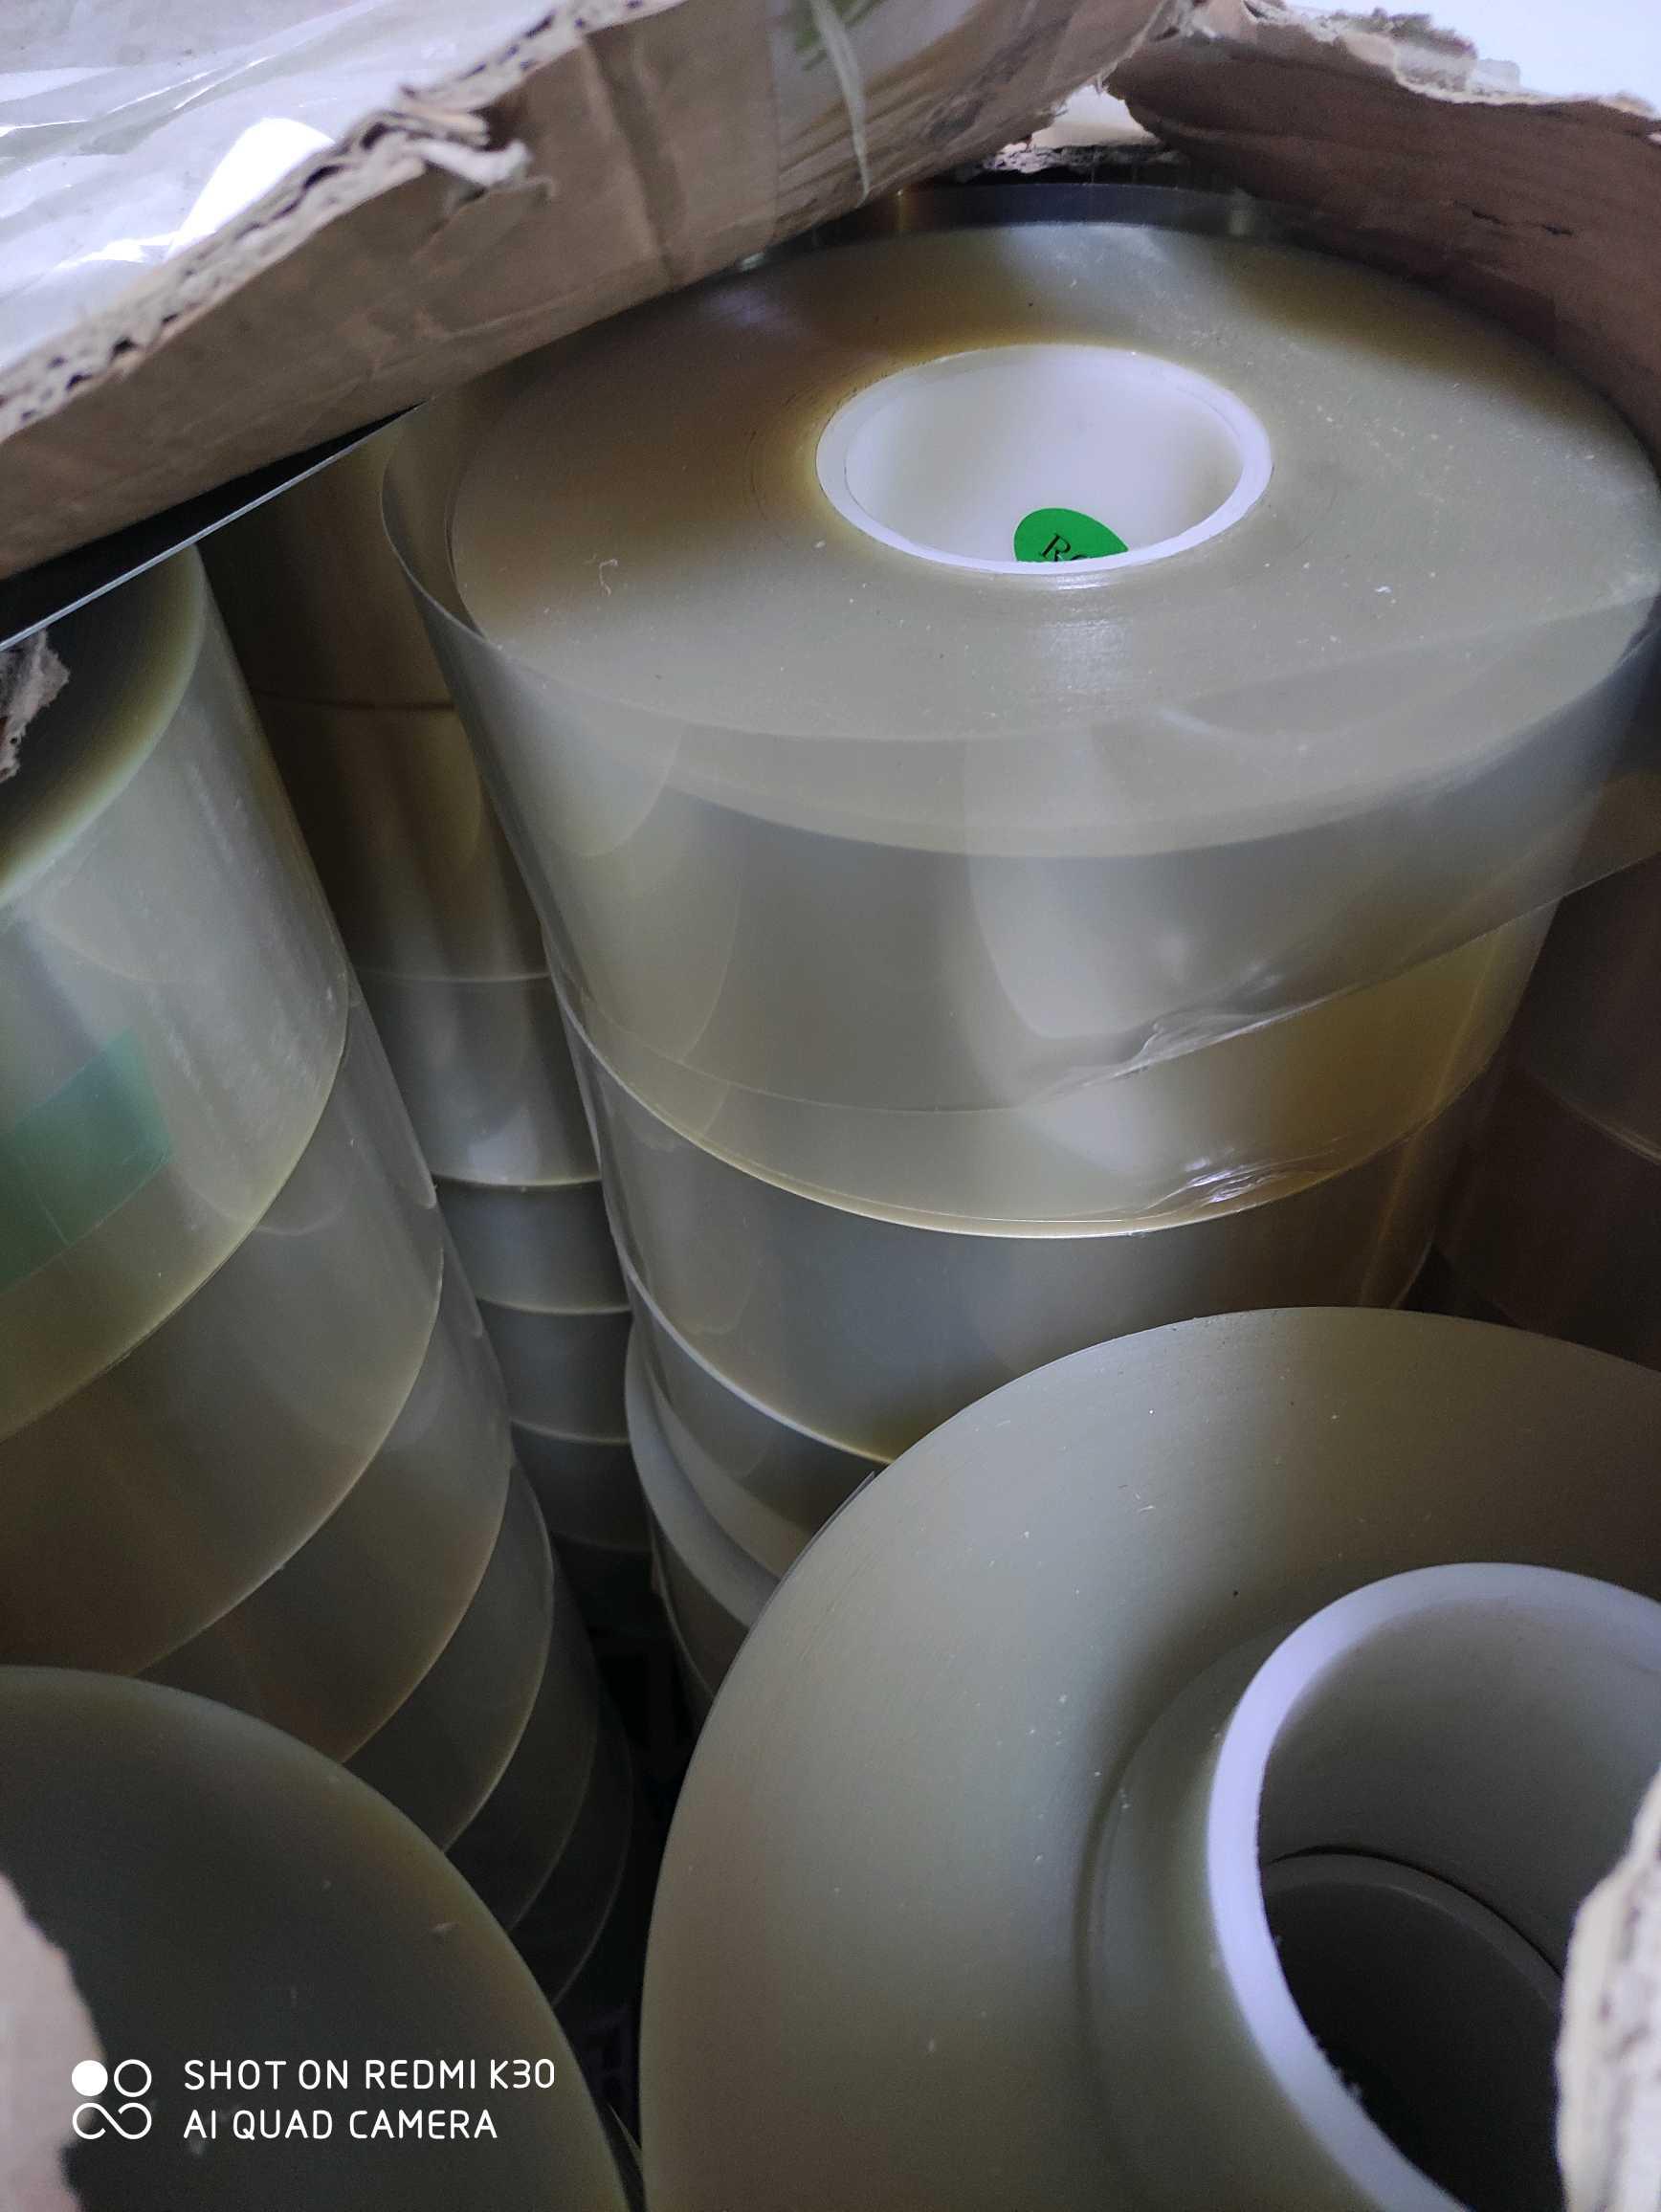 9+2.5硅胶保护膜,75um韩国进口单面胶,6+5硅胶保护膜,规格料,价格低到你想不到。